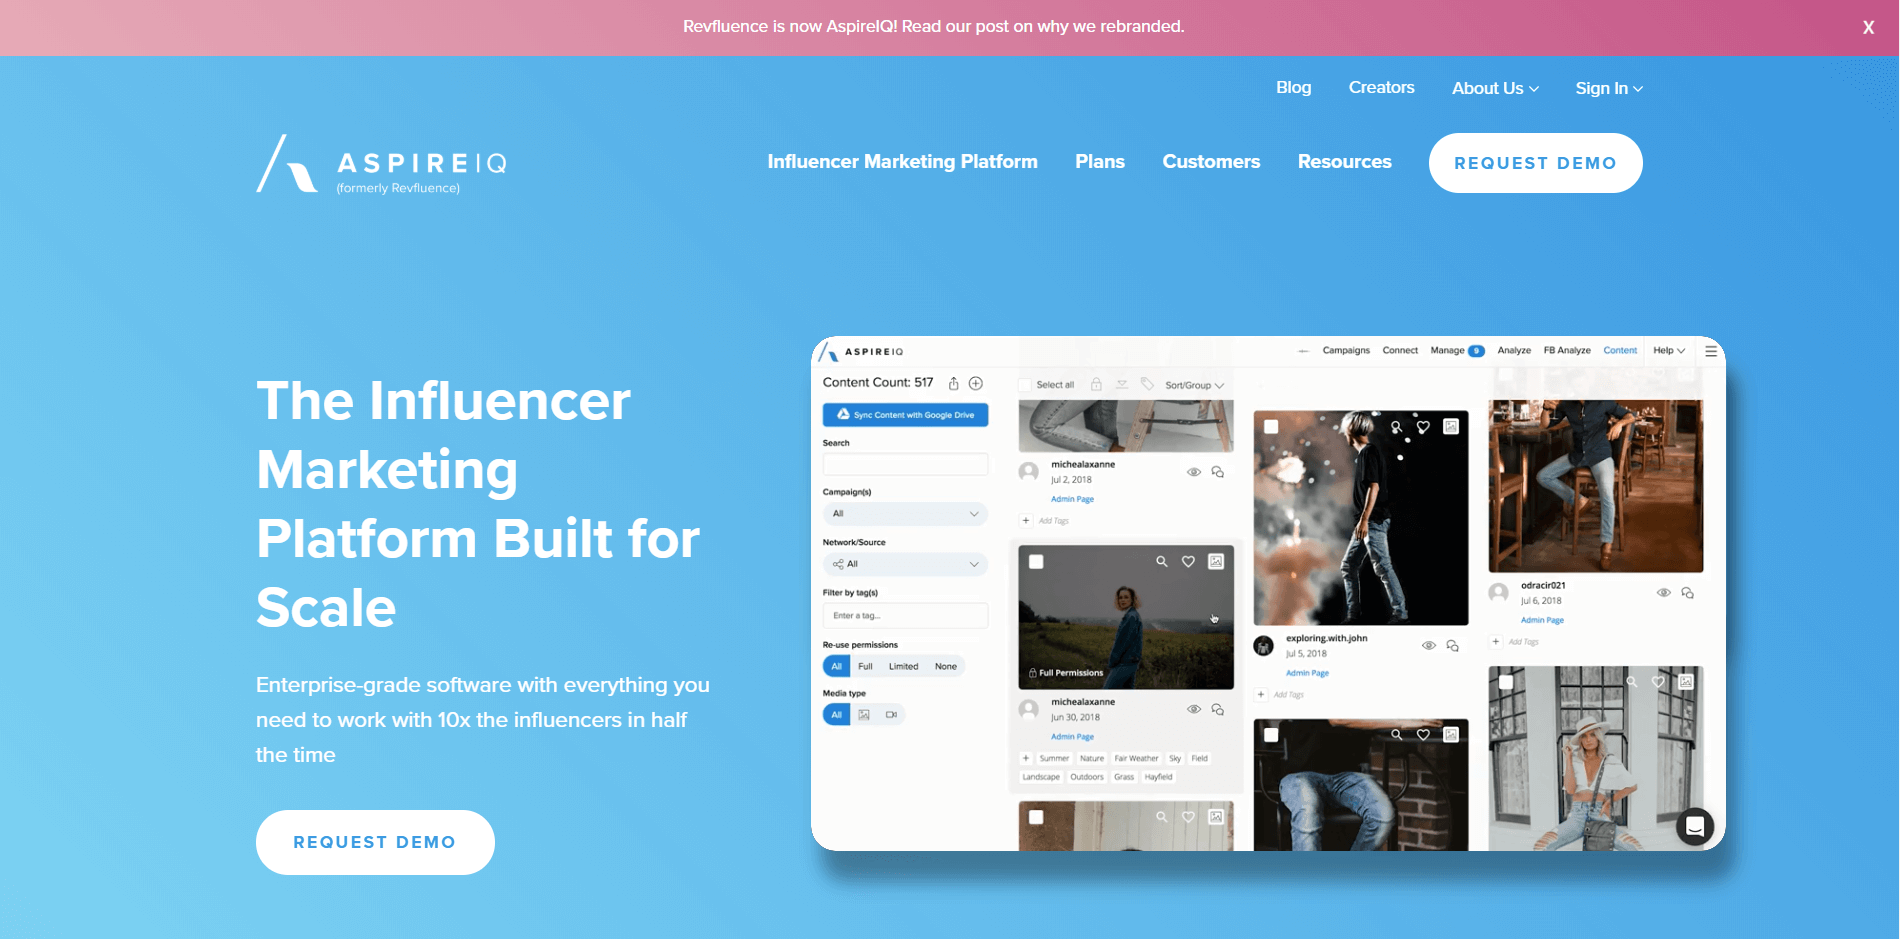 evfluence/Aspireiq plataforma de influencer marketing